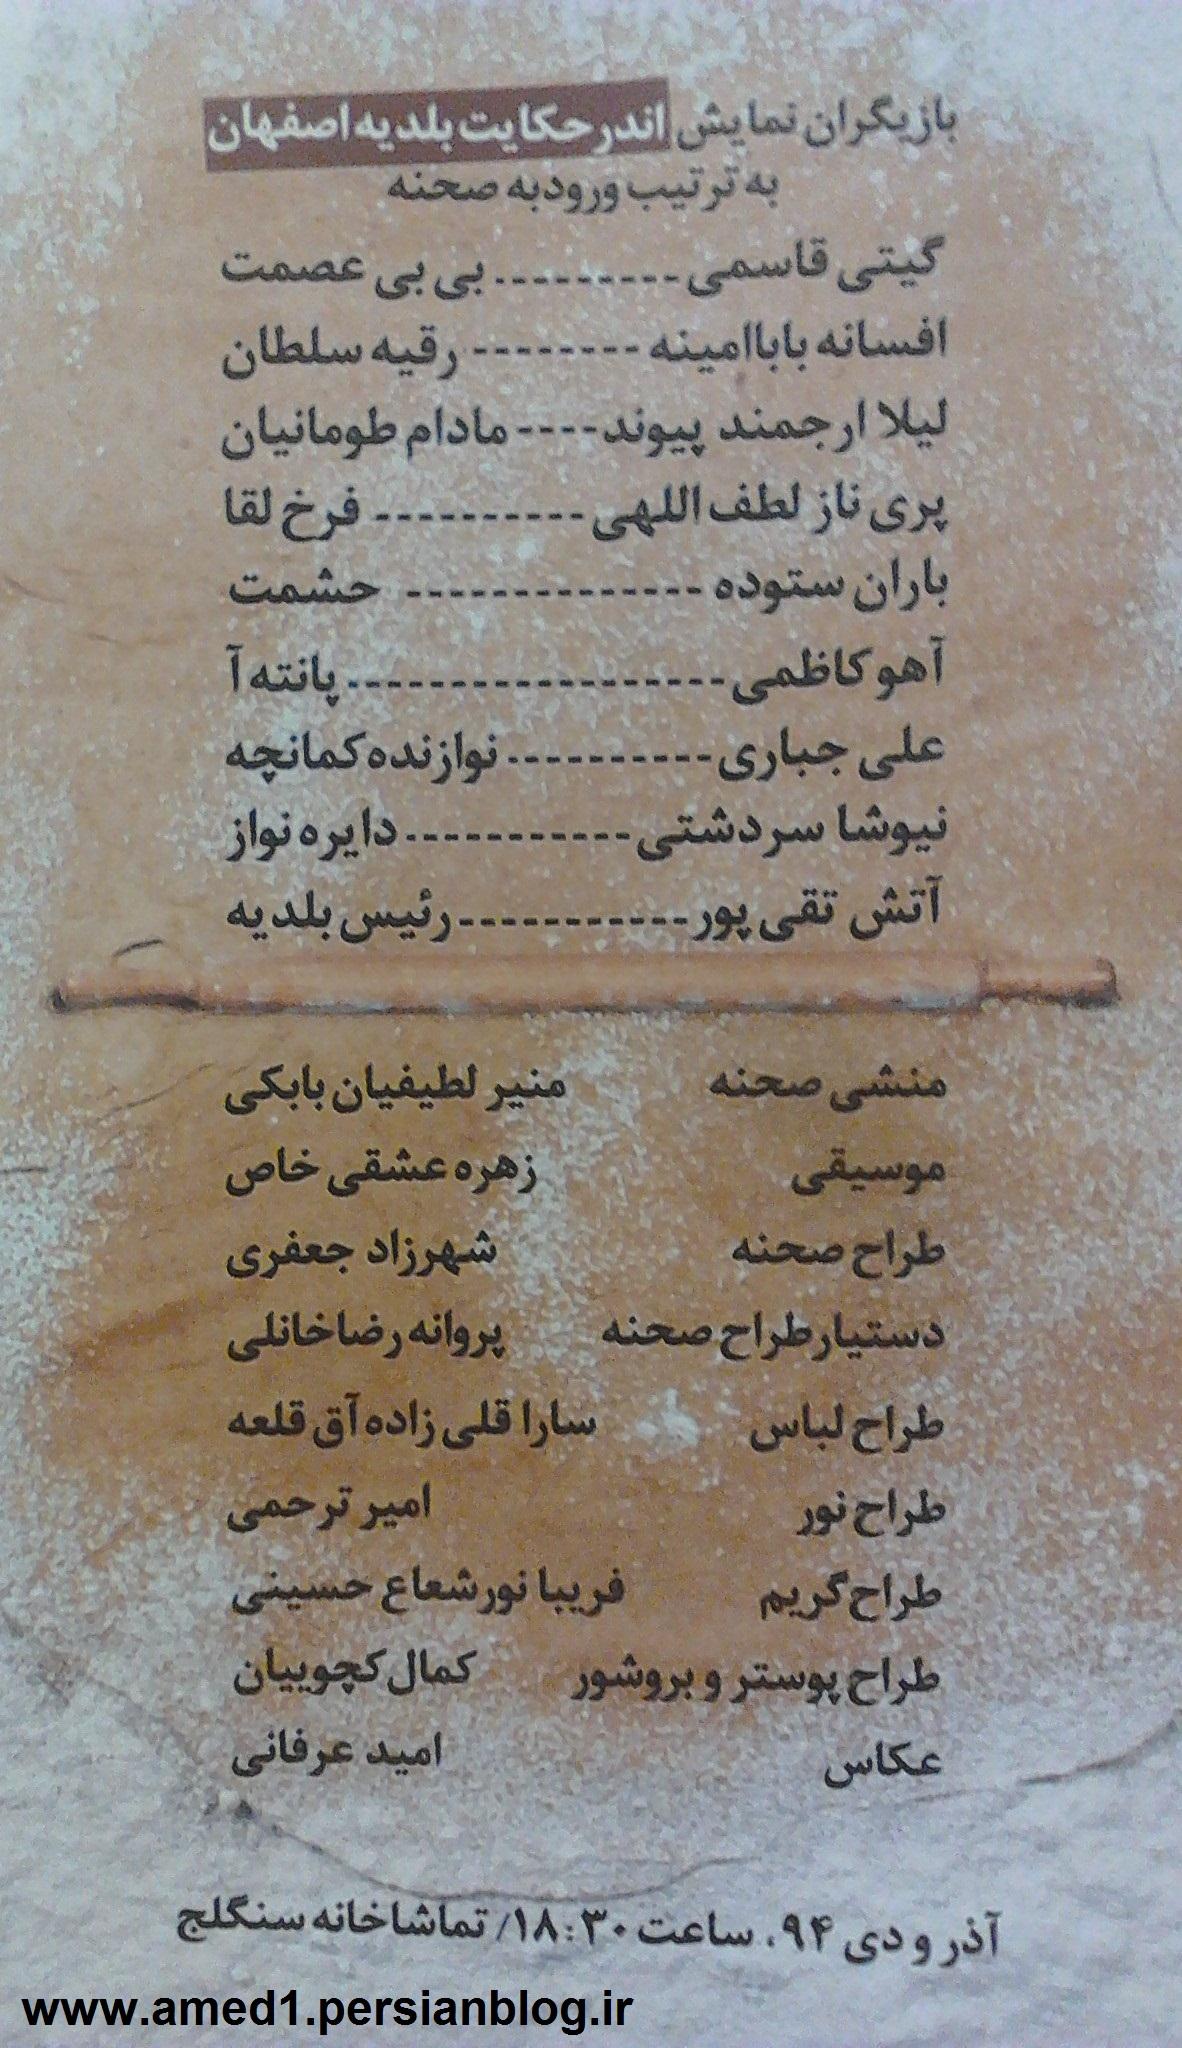 اندر حکایت بلدیه اصفهان